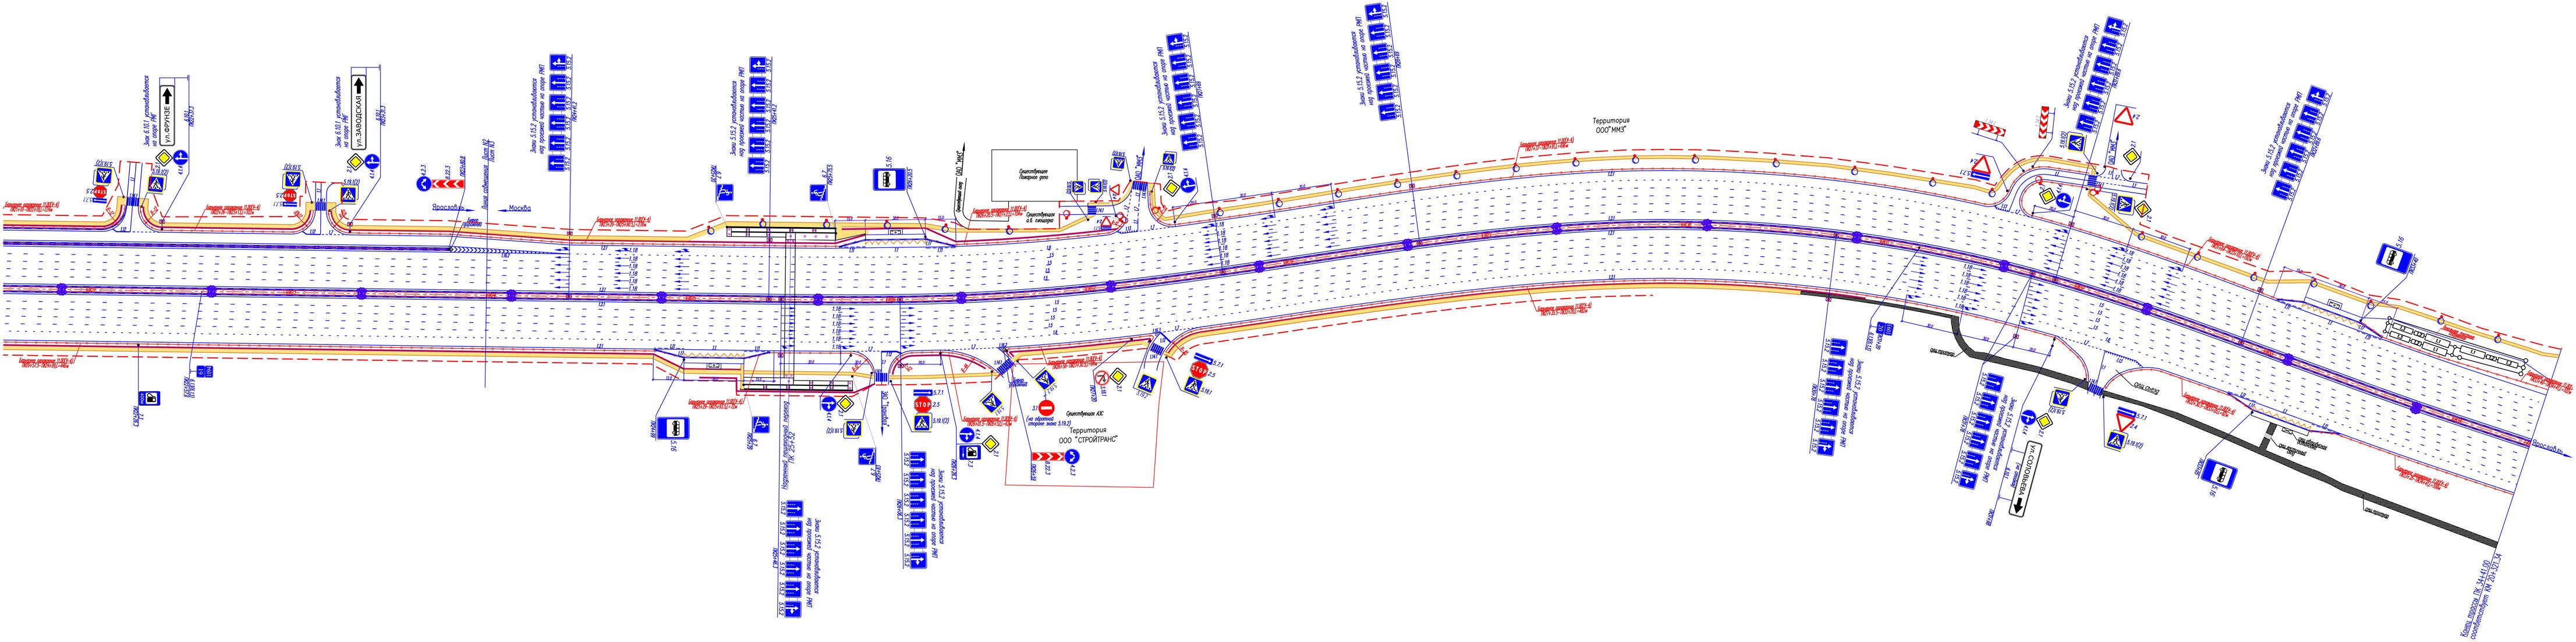 Началась реконструкция Ярославского шоссе.  Радость то какая.  Лет через пять пробки, надеюсь, станут меньше.